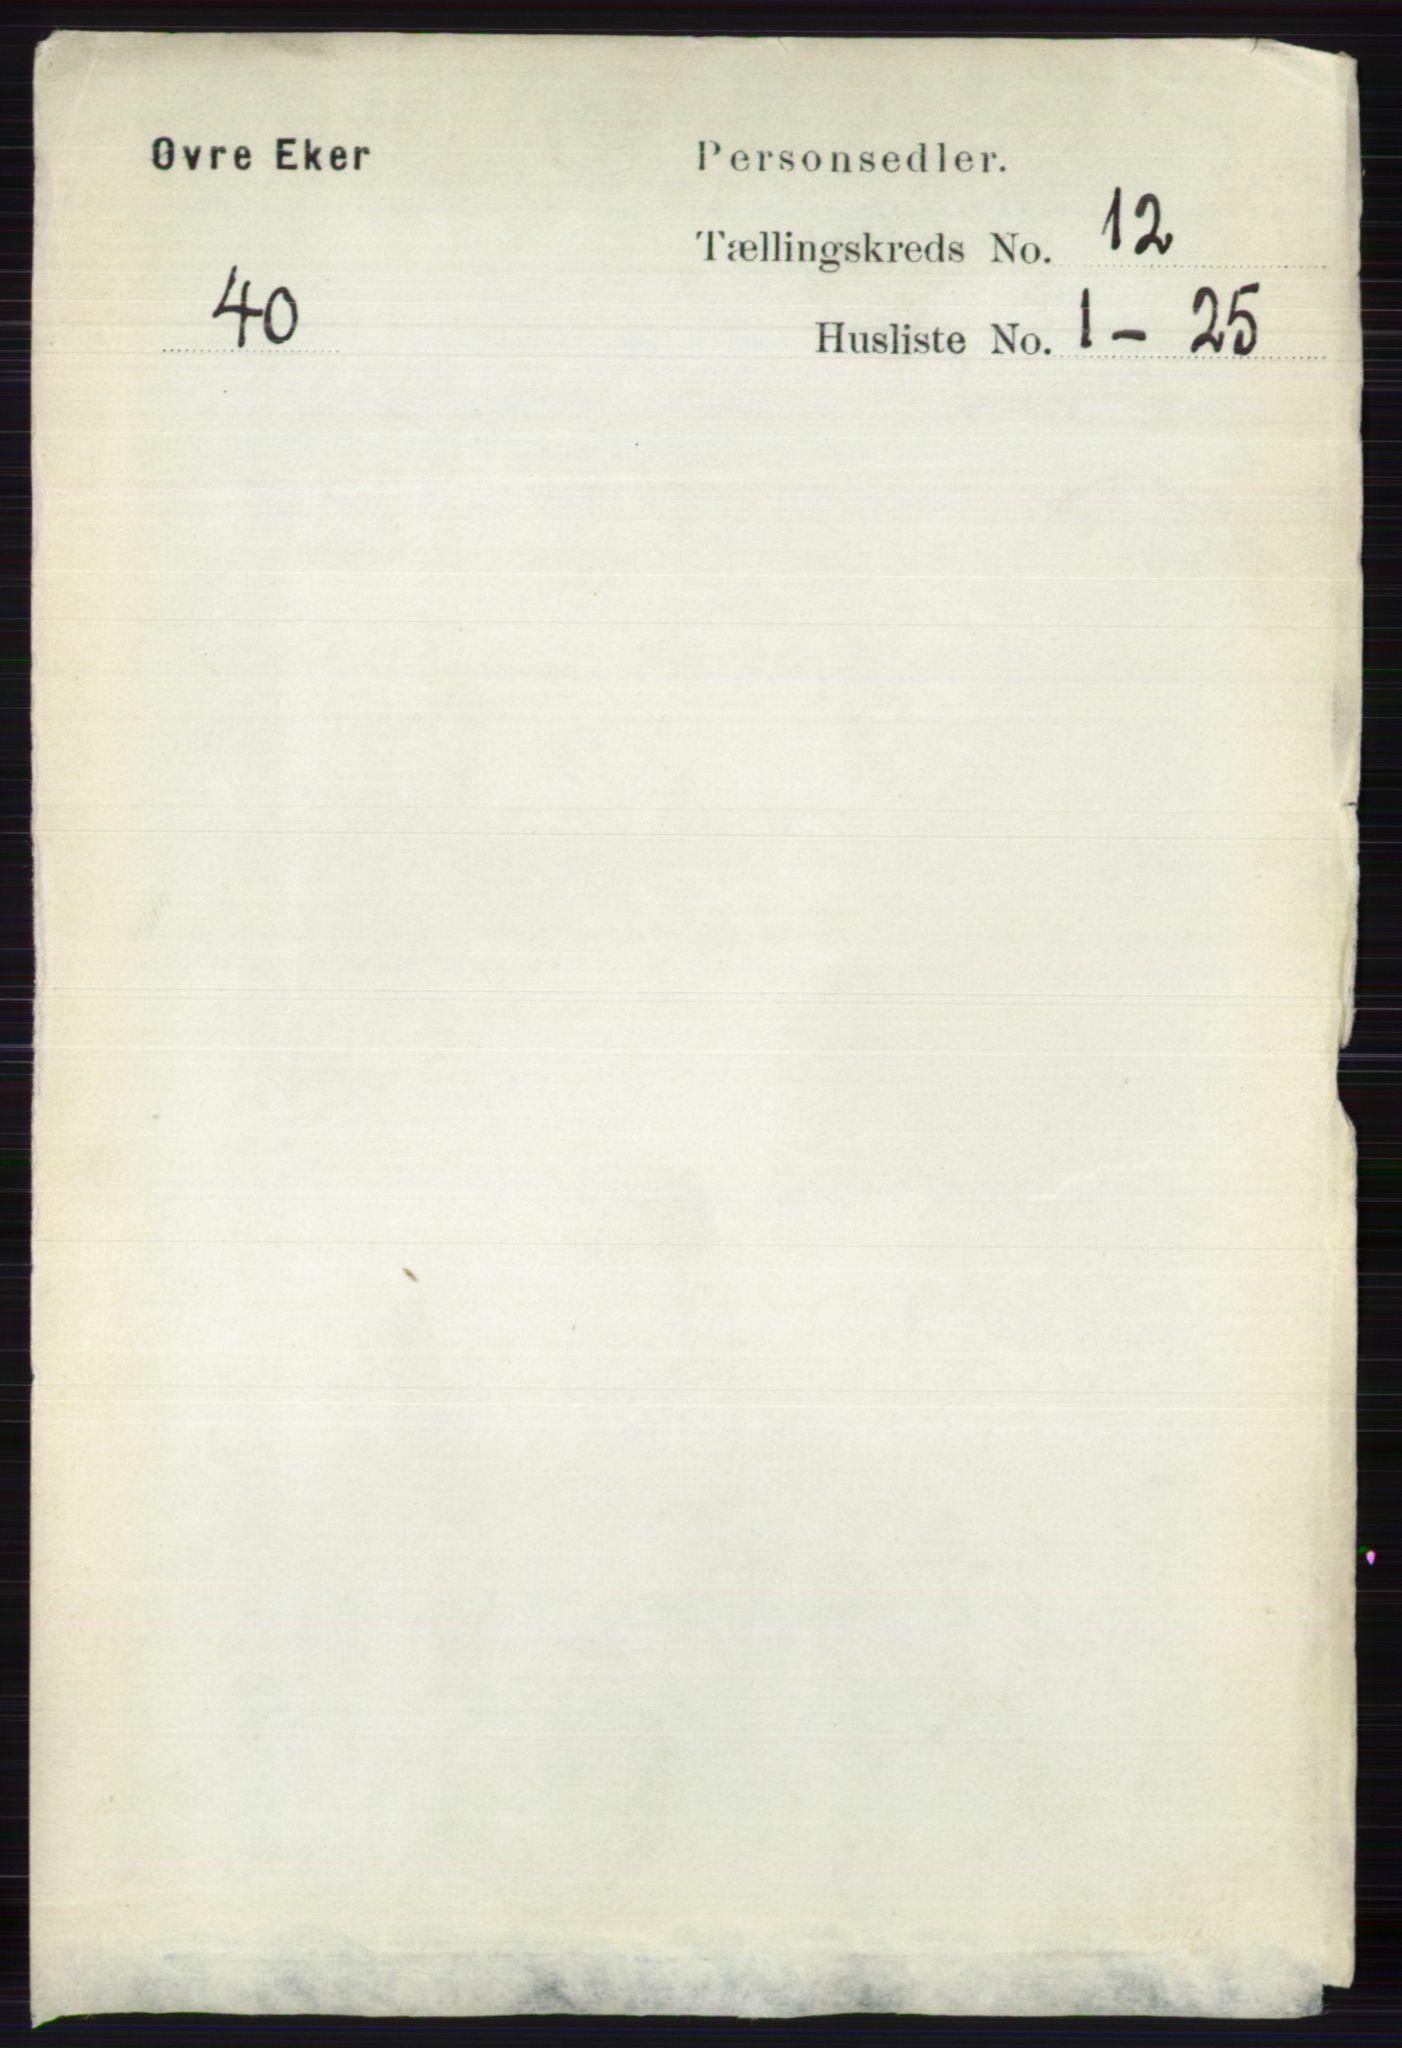 RA, Folketelling 1891 for 0624 Øvre Eiker herred, 1891, s. 5284